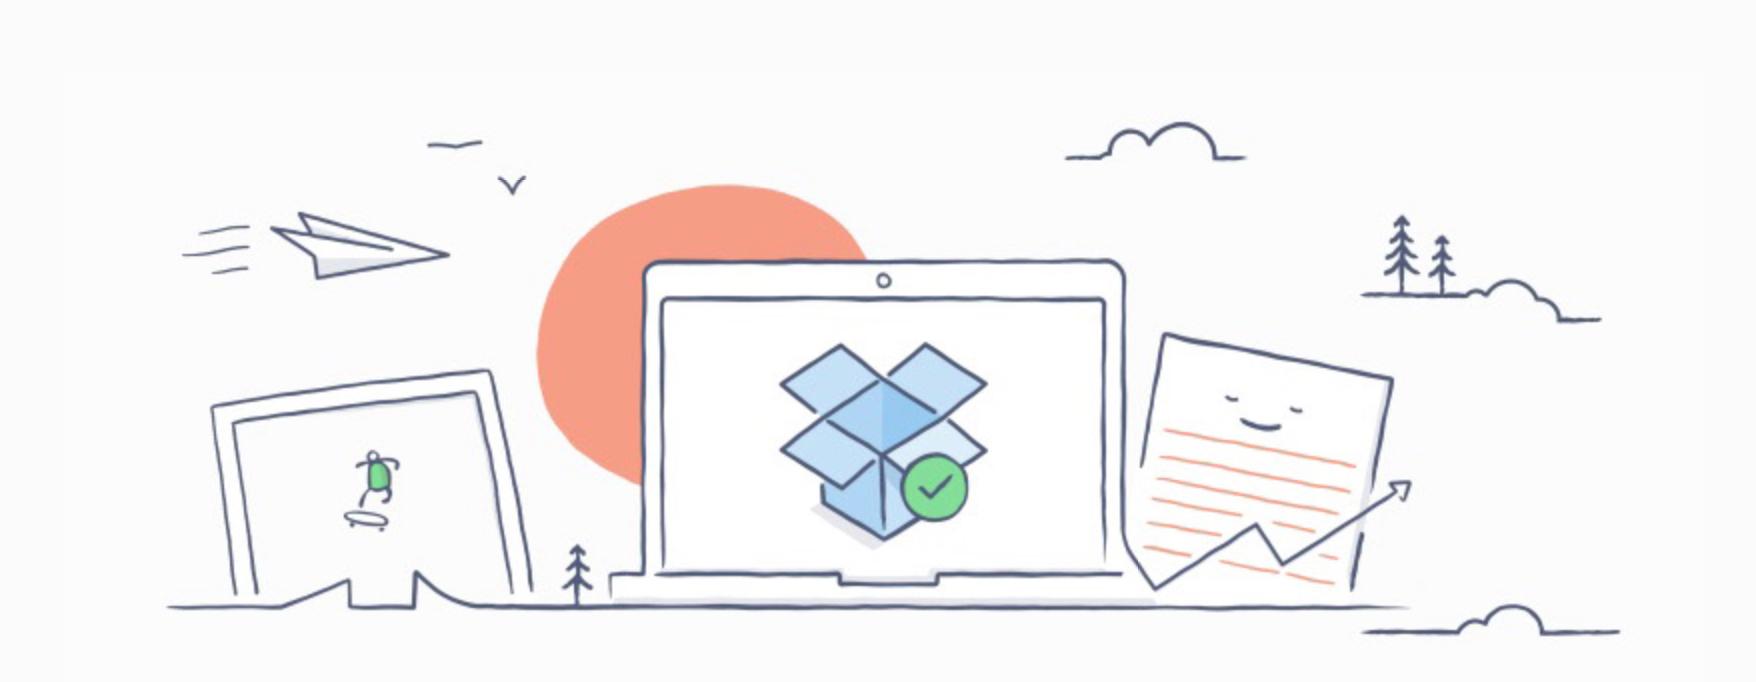 Dropbox gir opp sine to store håp. Nå blir de beste funksjonene en del av Dropbox.